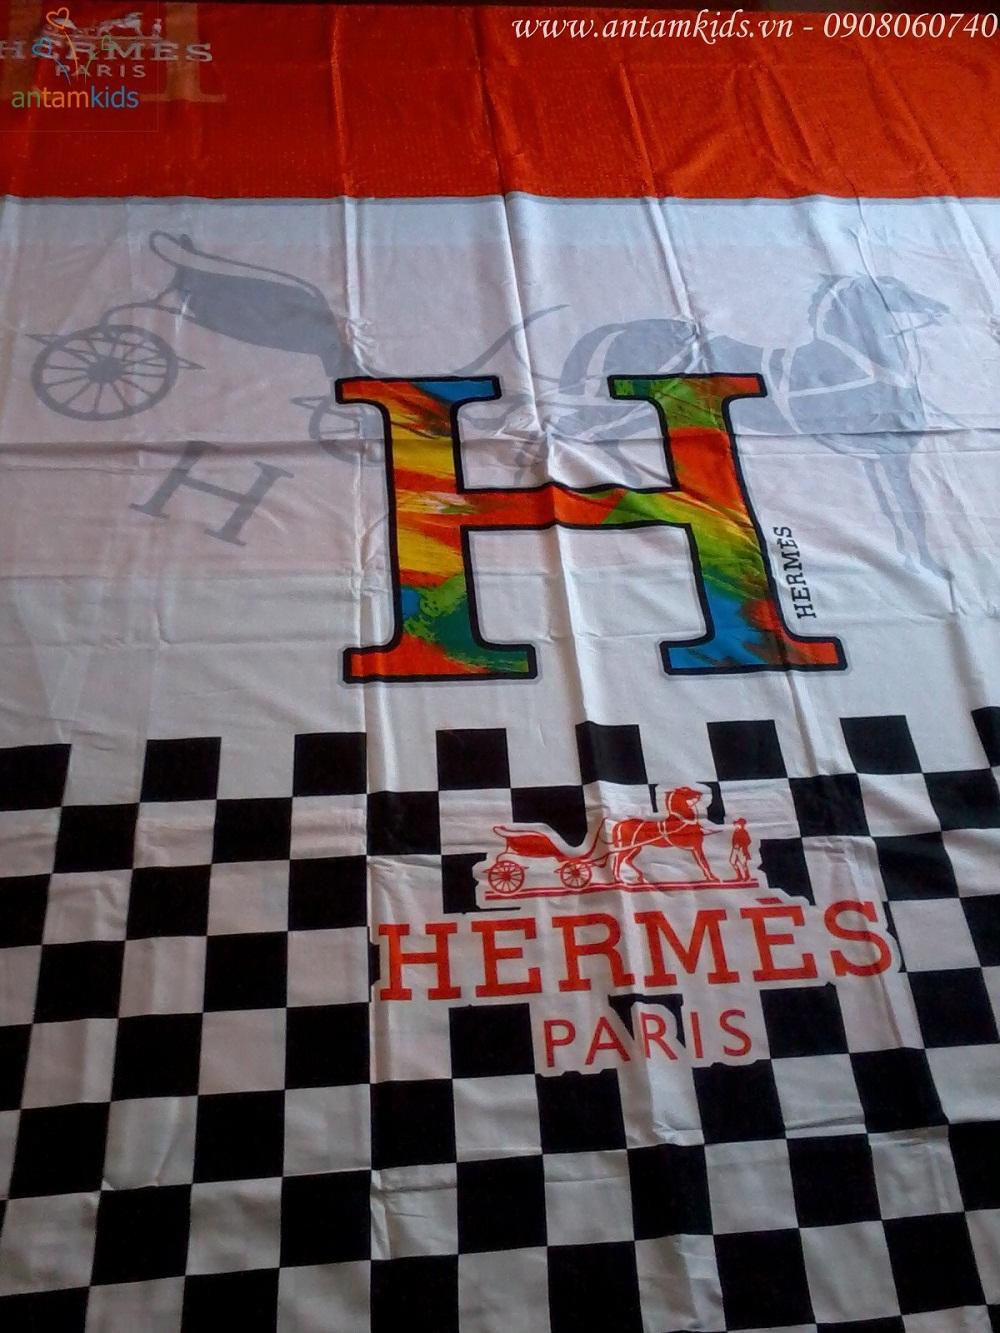 Chăn ga gối mền drap thương hiệu hàng hiệu Hermes Paris sang trọng quyến rũ & cá tính sành điệu - AnTamKids.vn